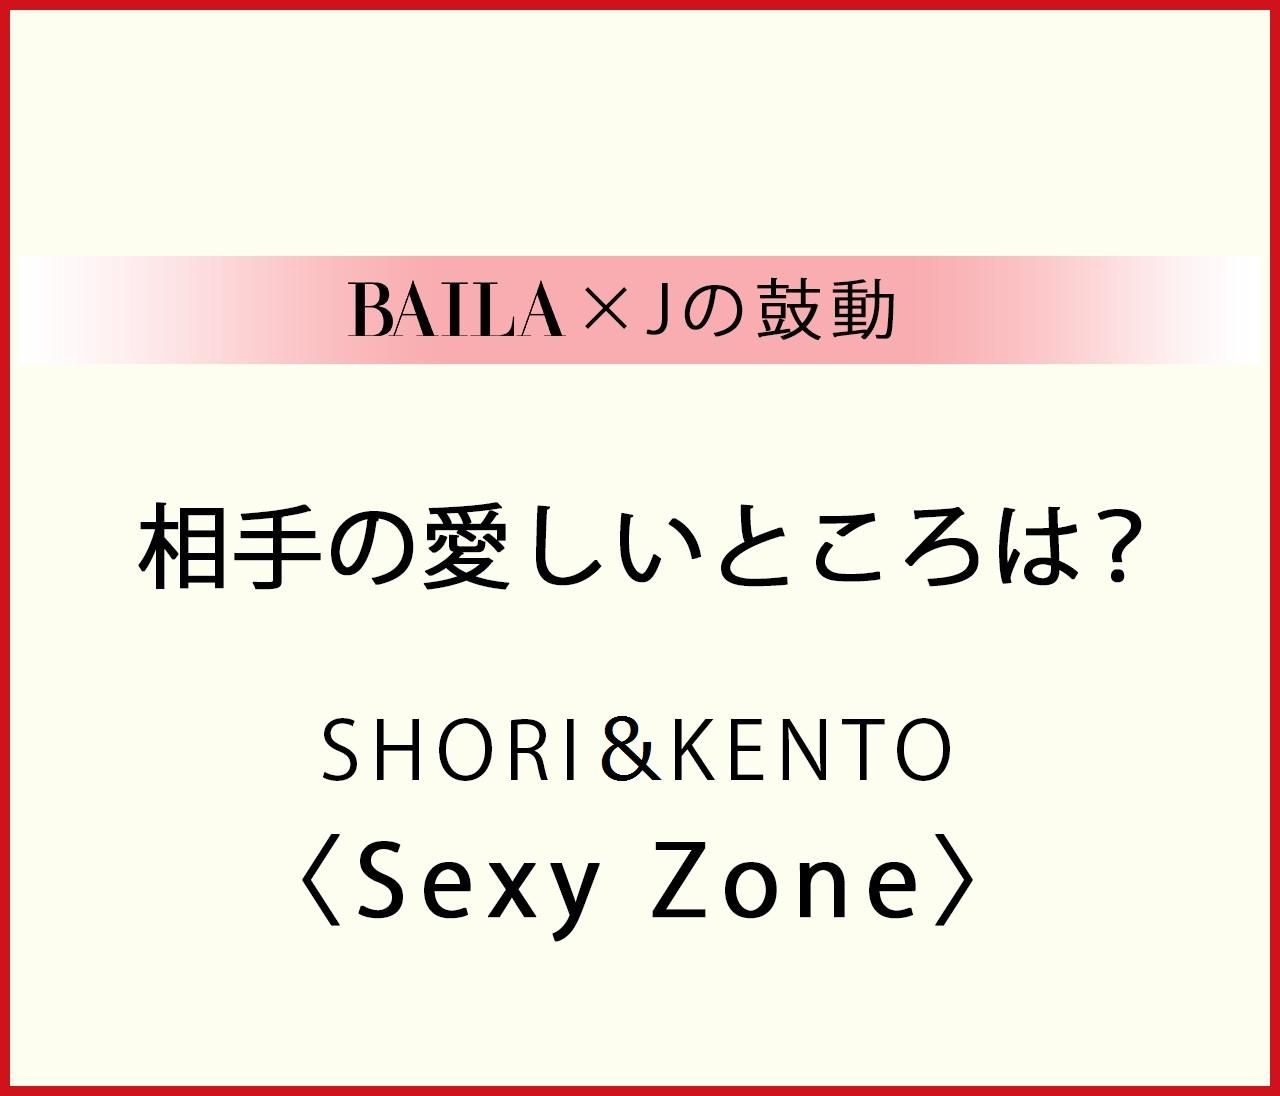 【Sexy Zone】佐藤勝利&中島健人、相手の愛しいところは?【BAILA × Jの鼓動】